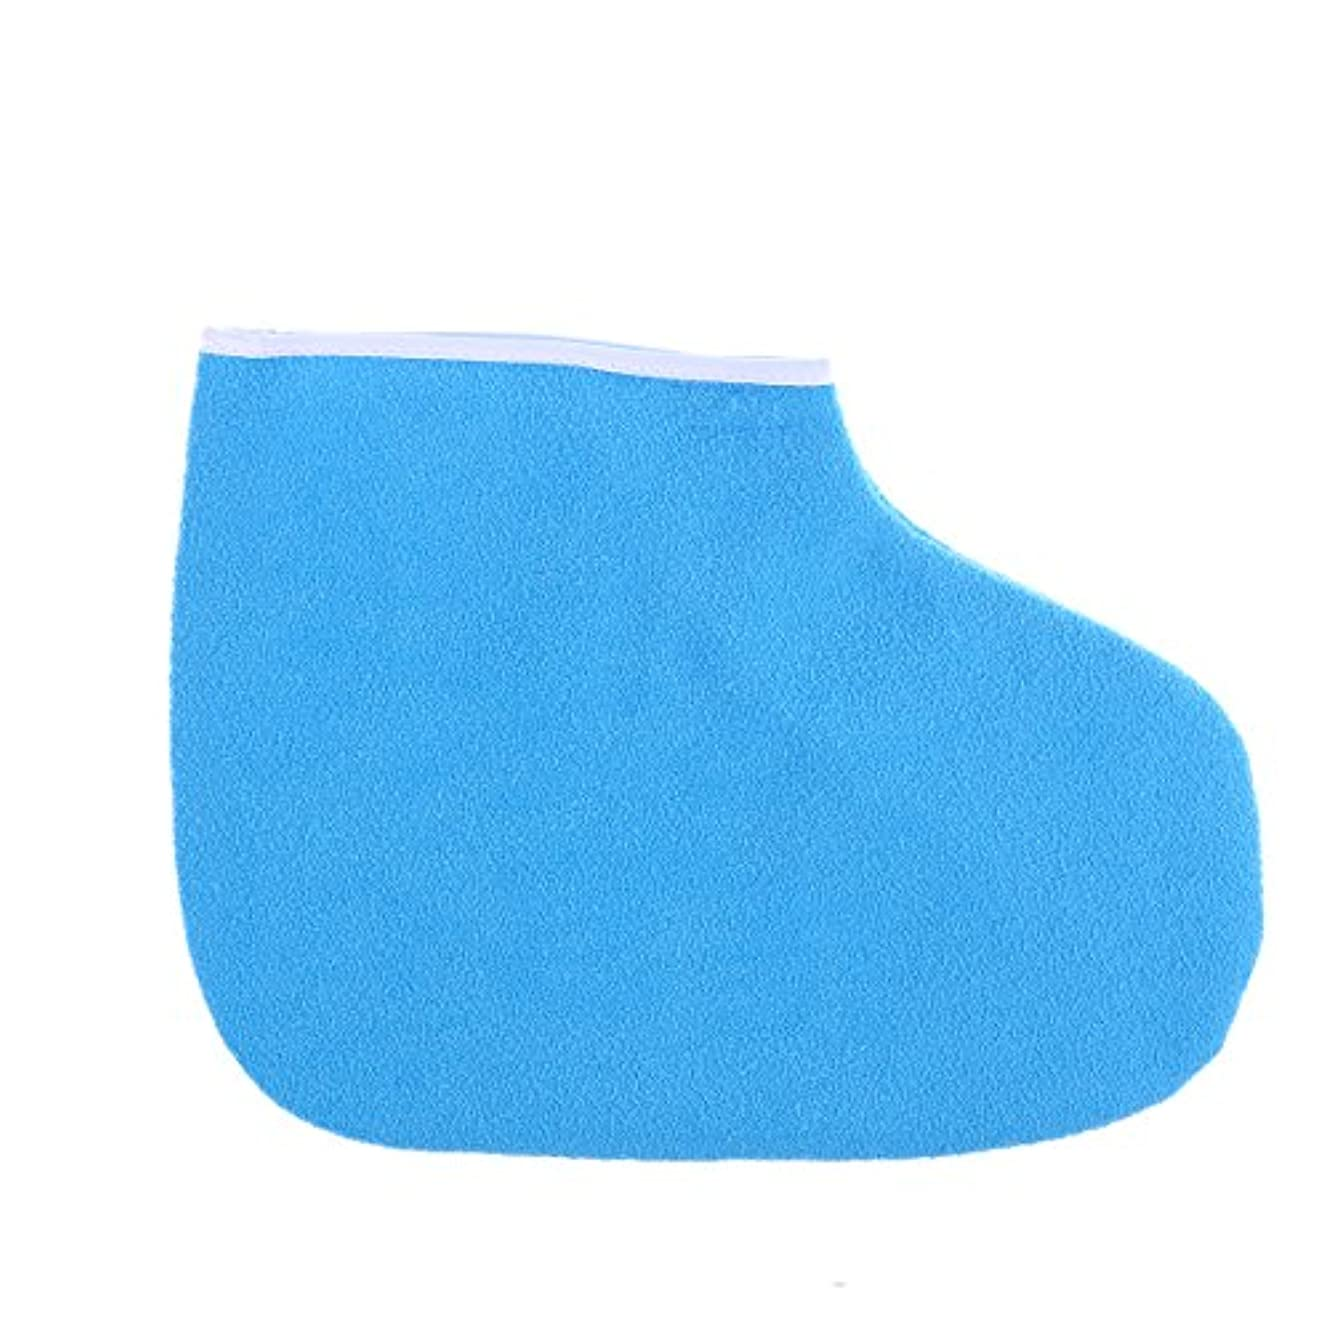 ぼかしプラス豊富Healifty パラフィンワックスブーティーマニキュアペディキュアトリートメントブーツ(ブルー)